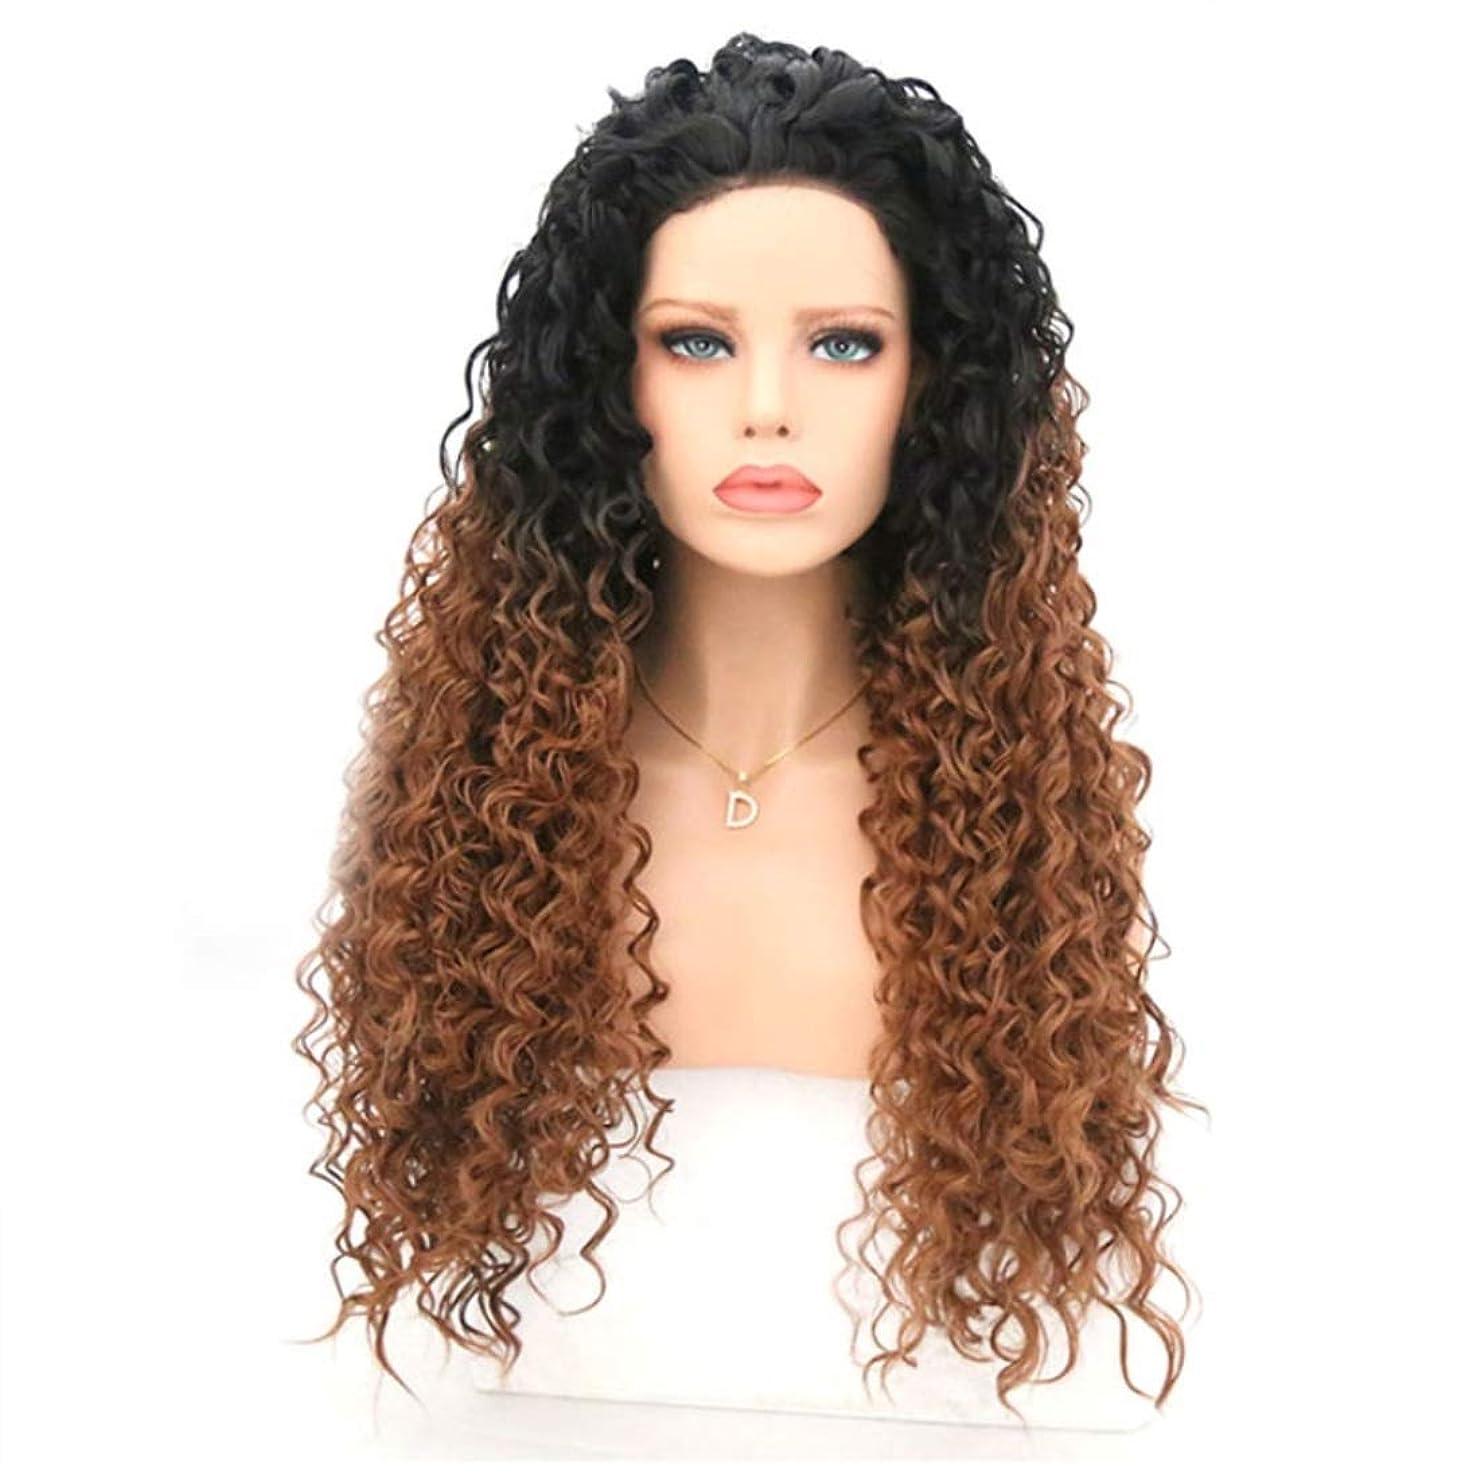 科学者論争の的入場Summerys 波状の巻き毛のかつら女性のための耐熱性巻き毛のかつら (Size : 16 inches)